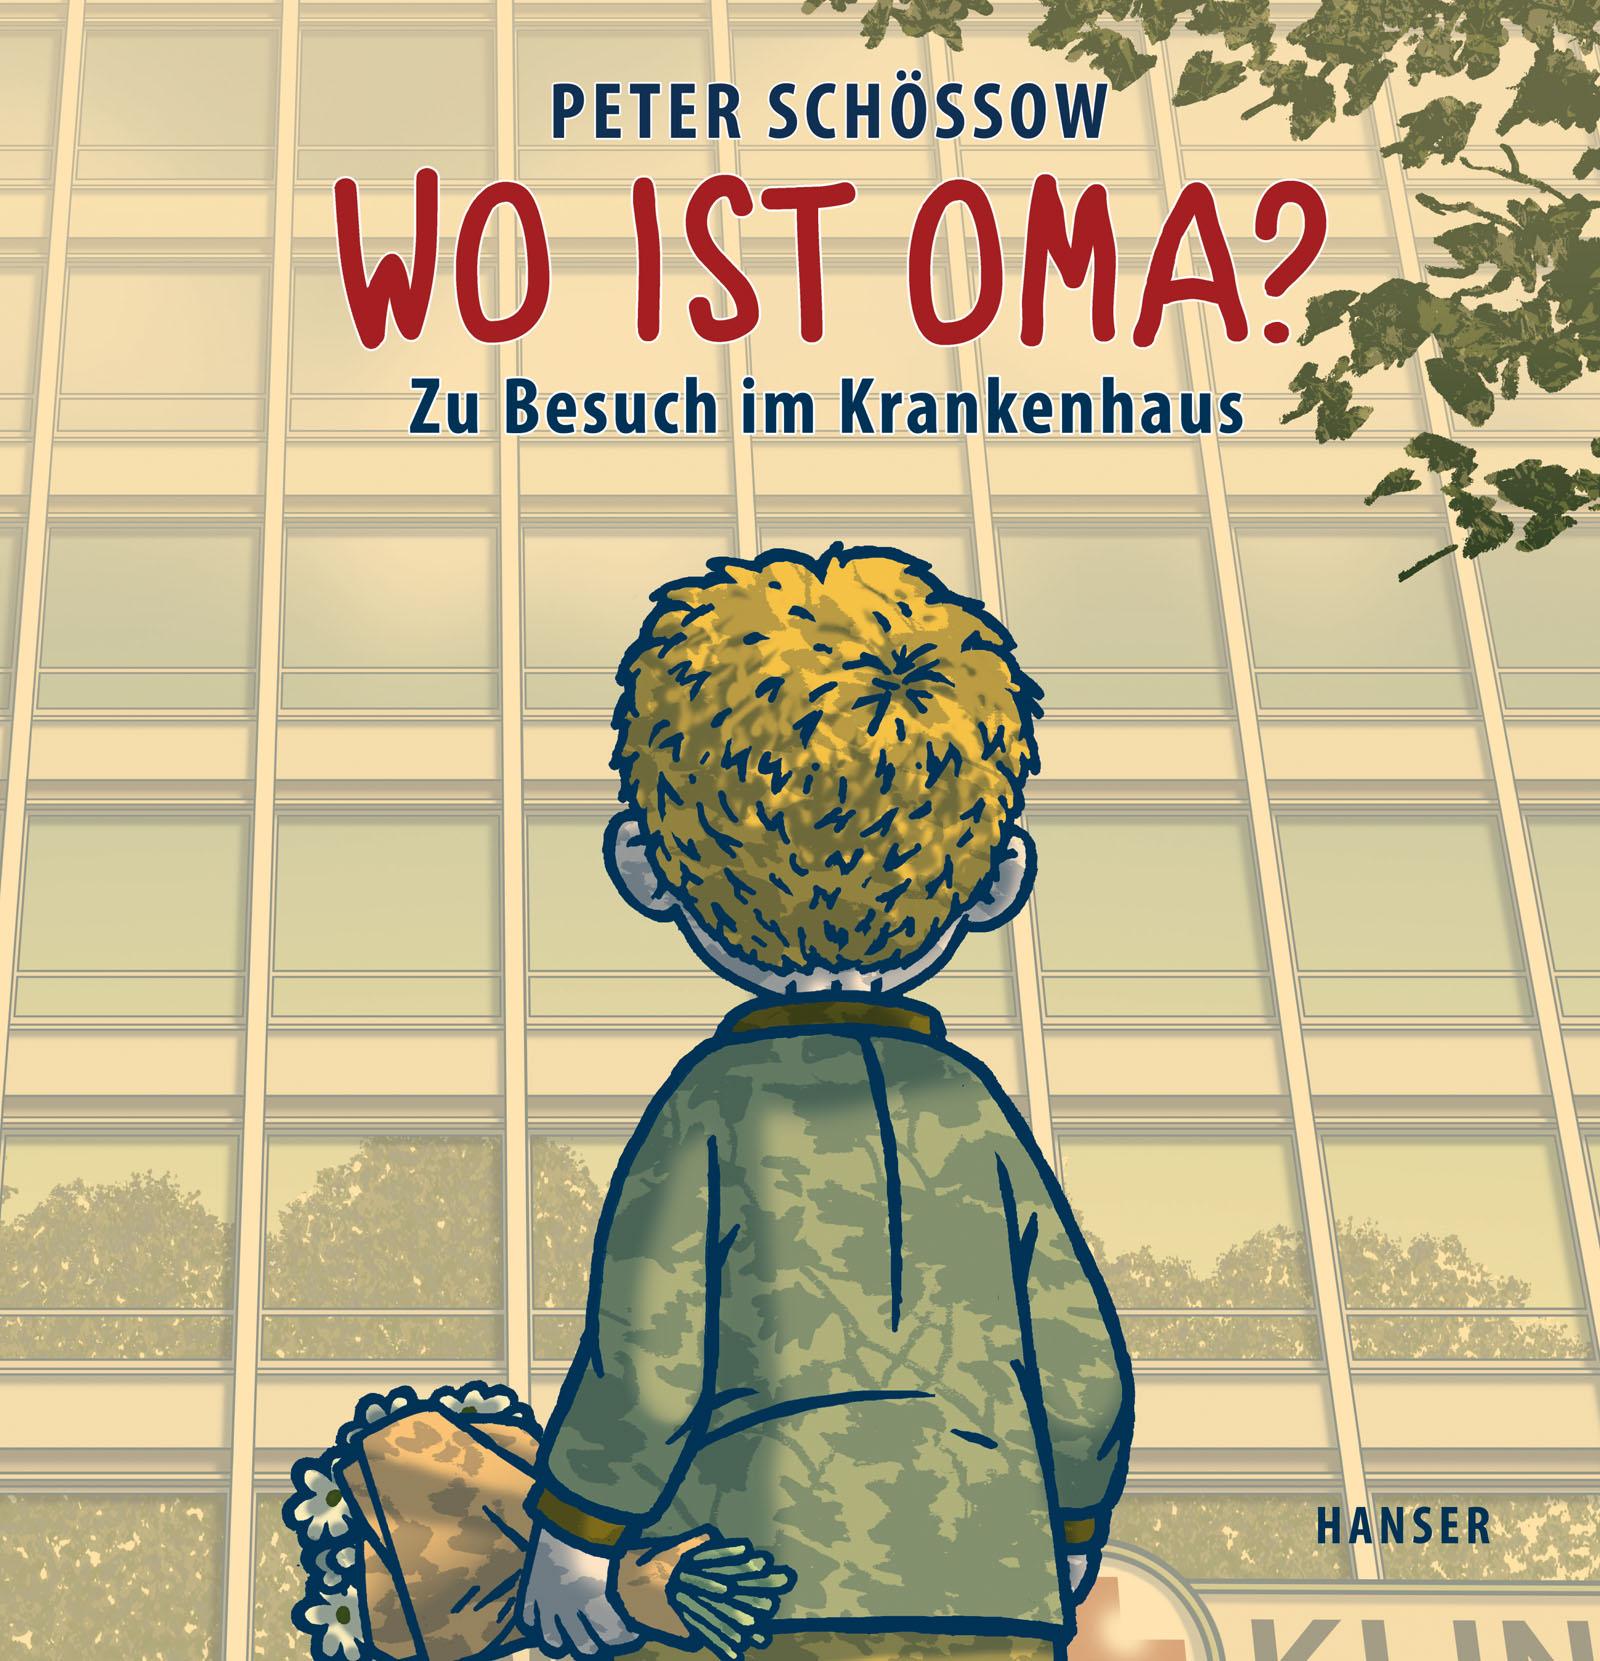 Peter Schössow, Bilderbuch, Krankenhaus, Großeltern, Oma, Opa, vorlesen, Bilderbuch